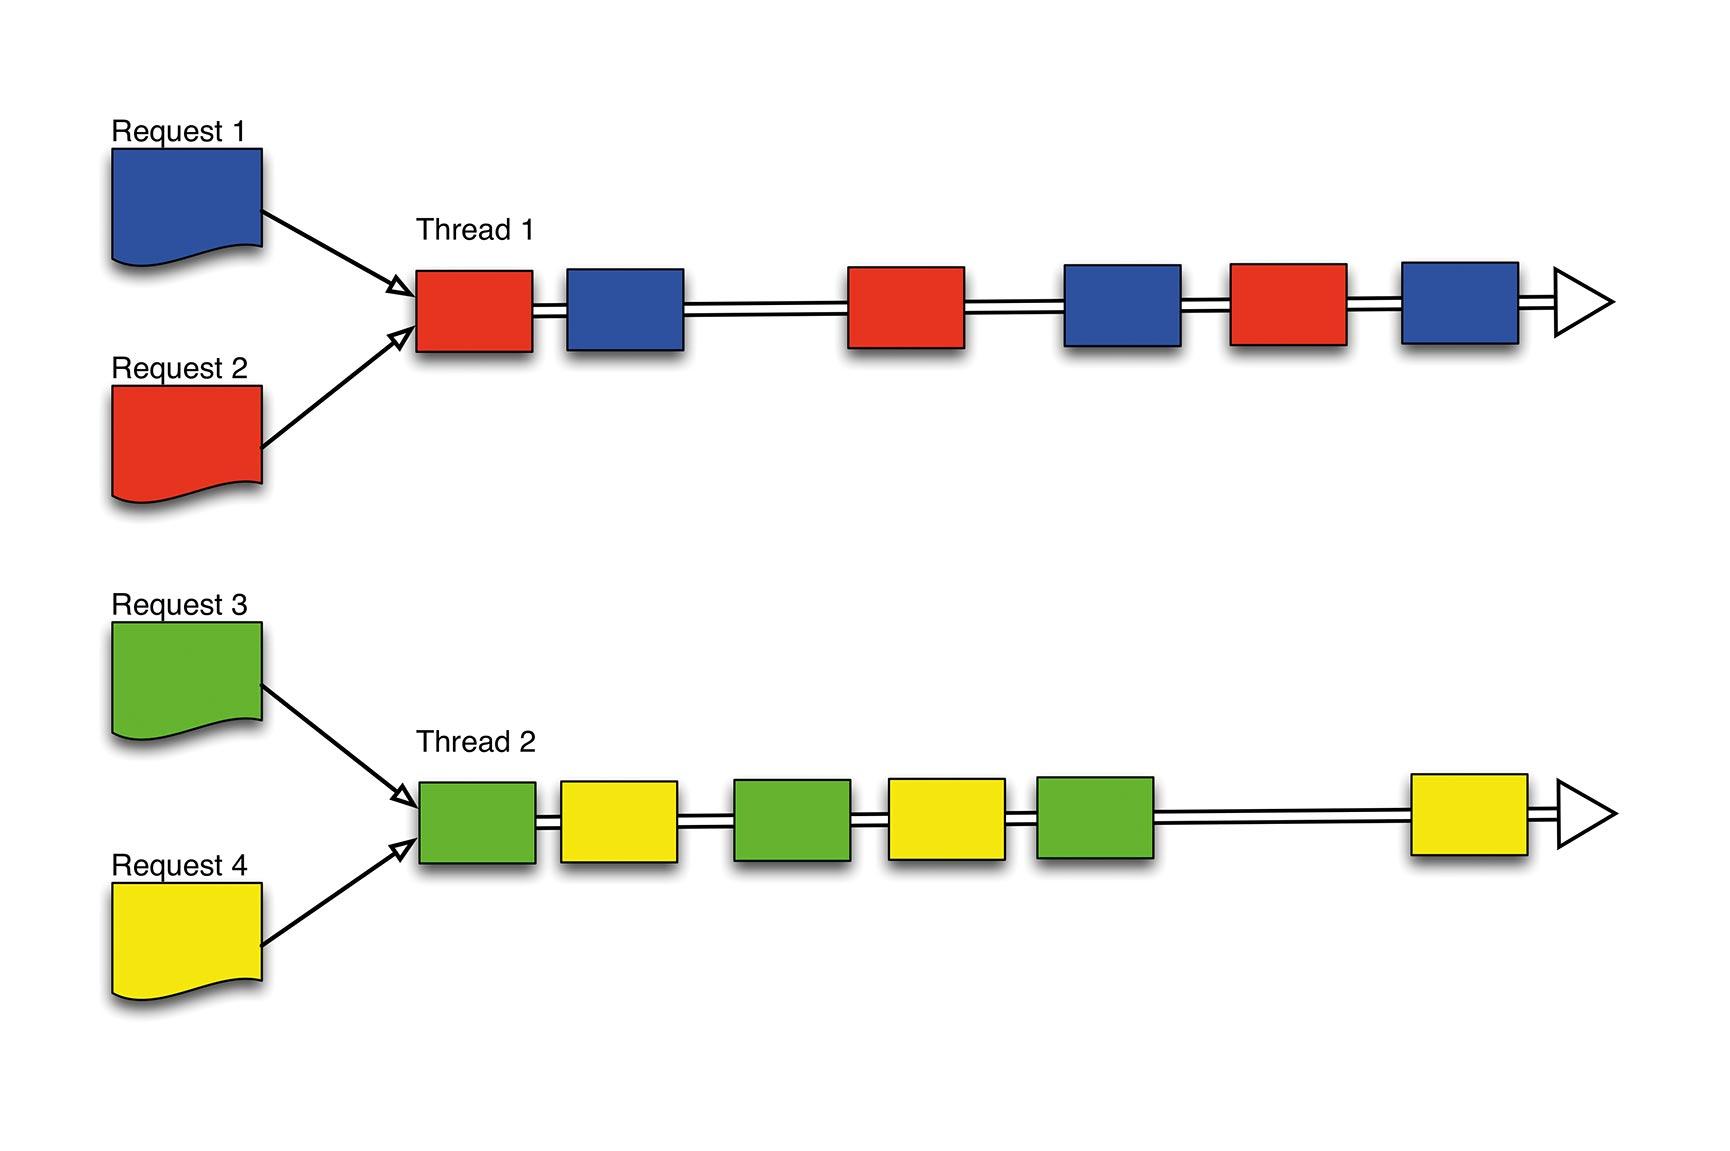 Huehnken-Reactive-3.tif_fmt1.jpg